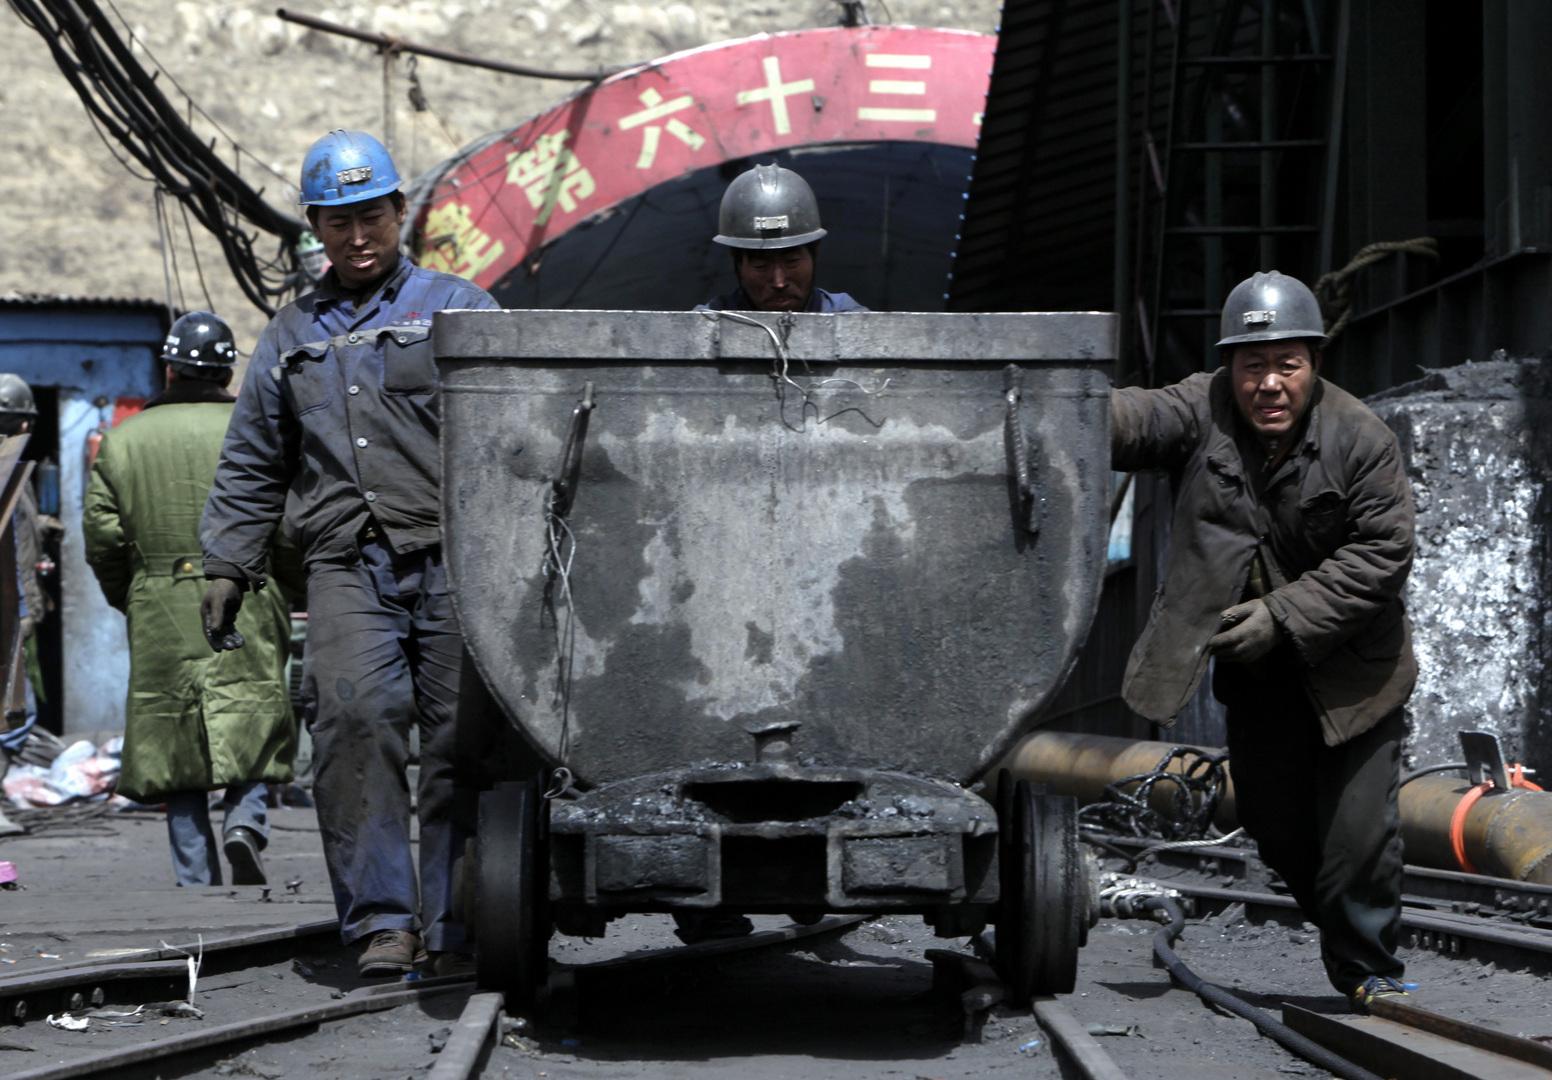 في منجم بالصين. الصورة: أرشيف.